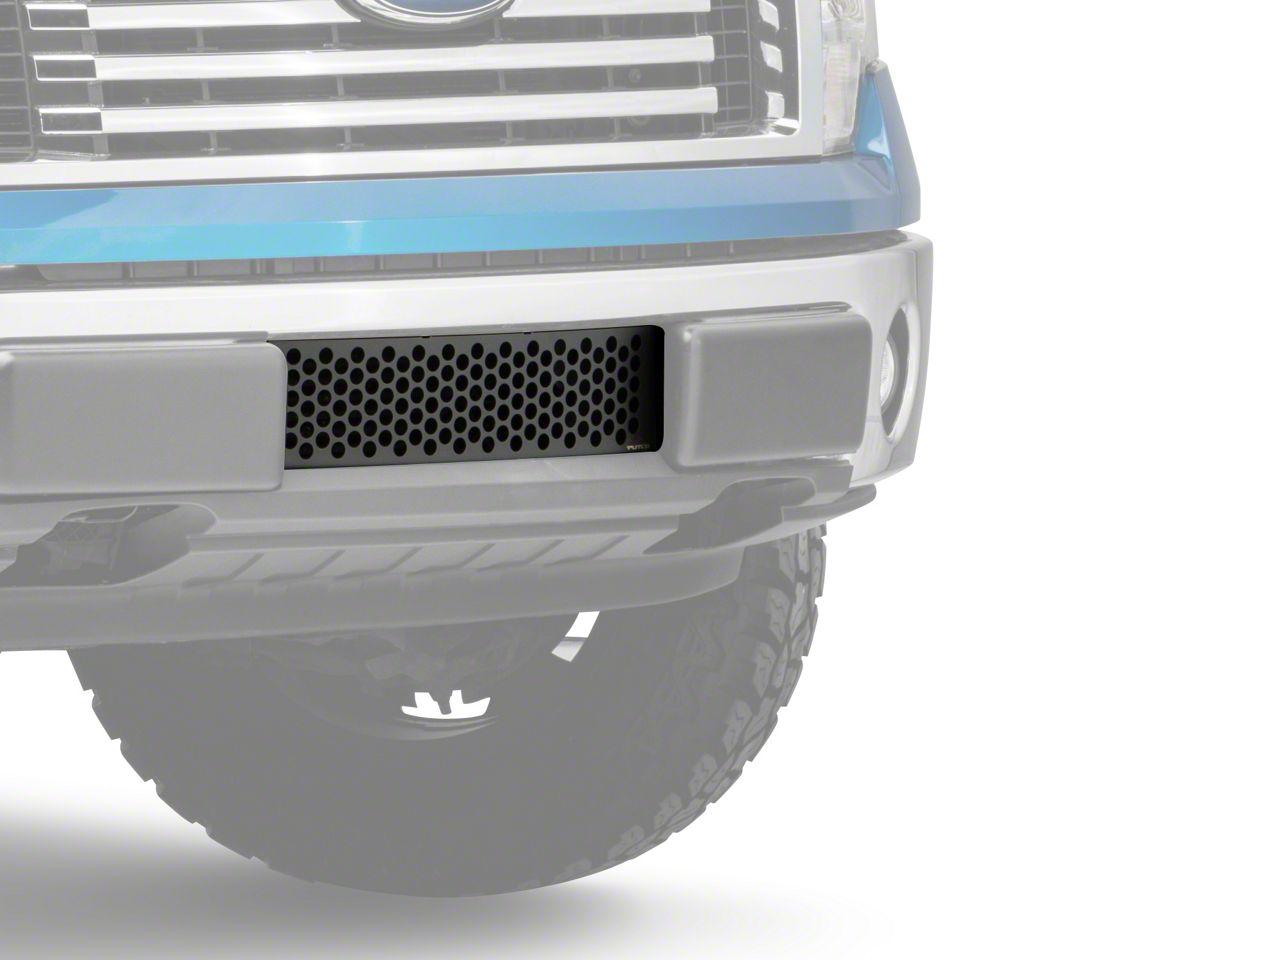 Putco Punch Design Lower Bumper Grille Insert - Black (09-14 F-150, Excluding Raptor, Harley Davidson & 2011 Limited)